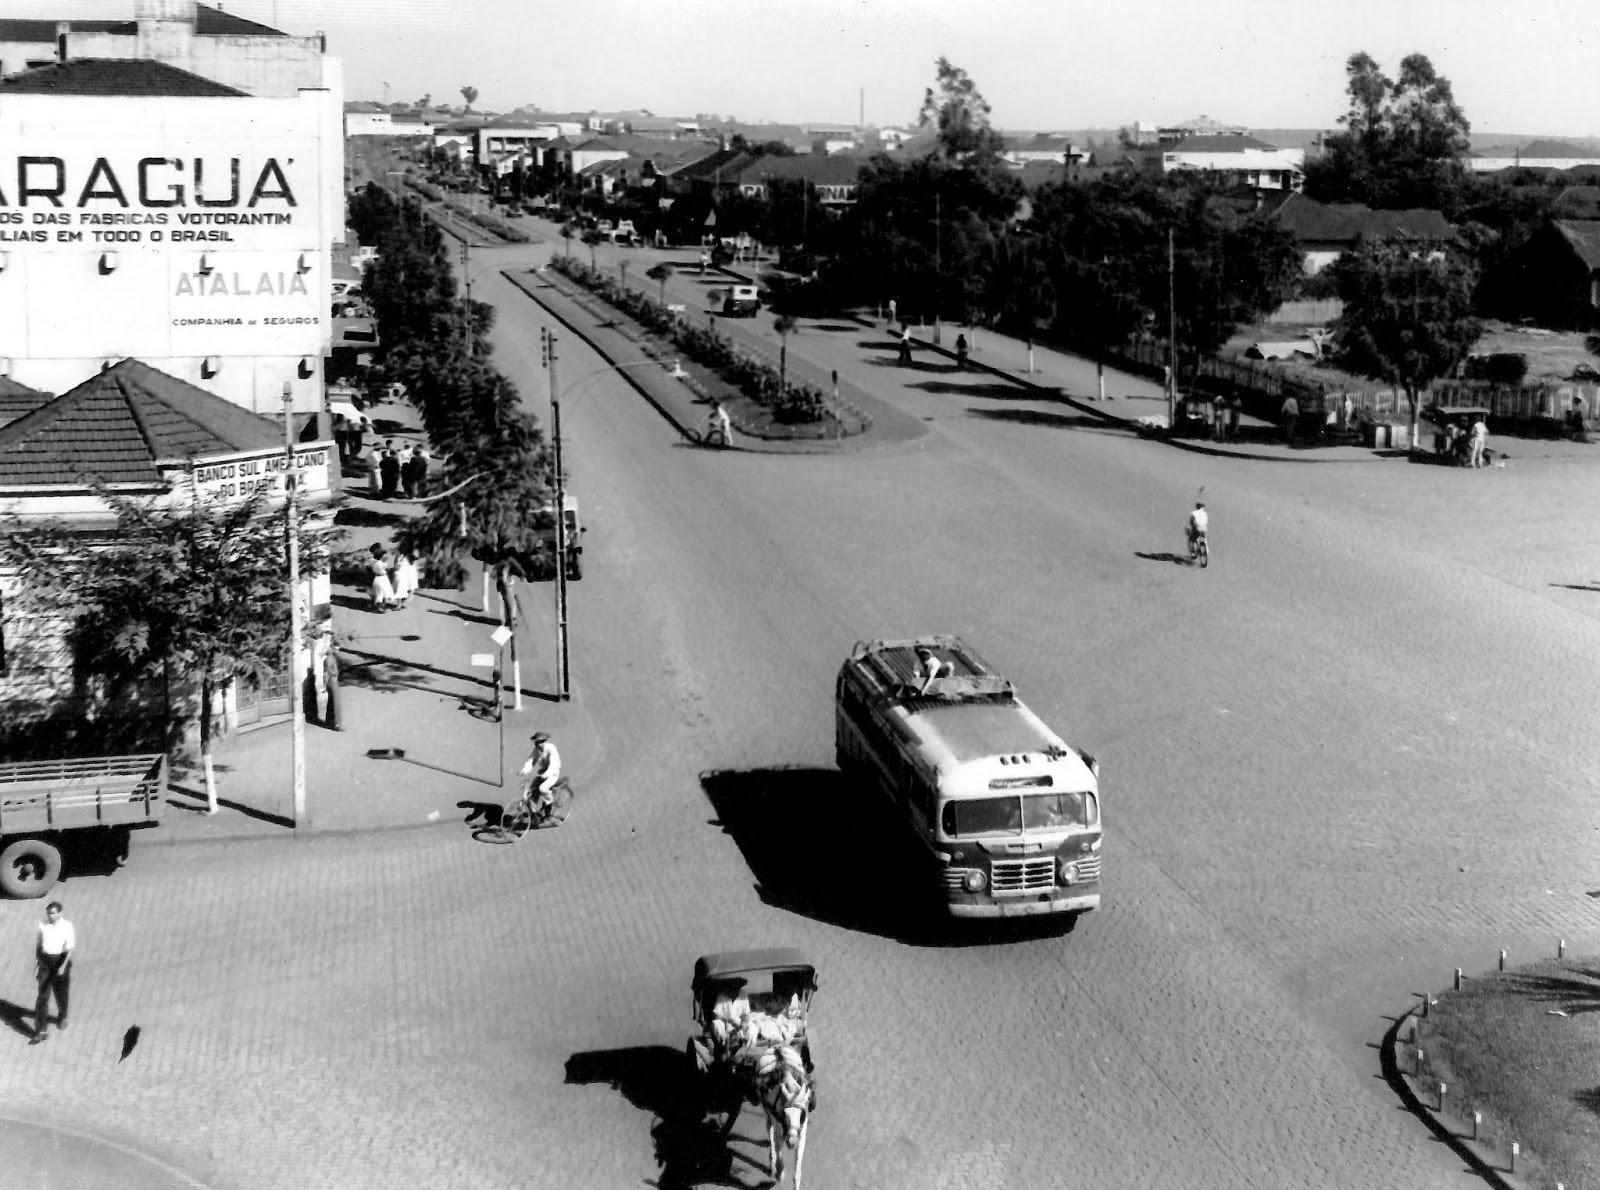 Avenida Brasil x Avenida Getúlio Vargas - Final dos anos 1950